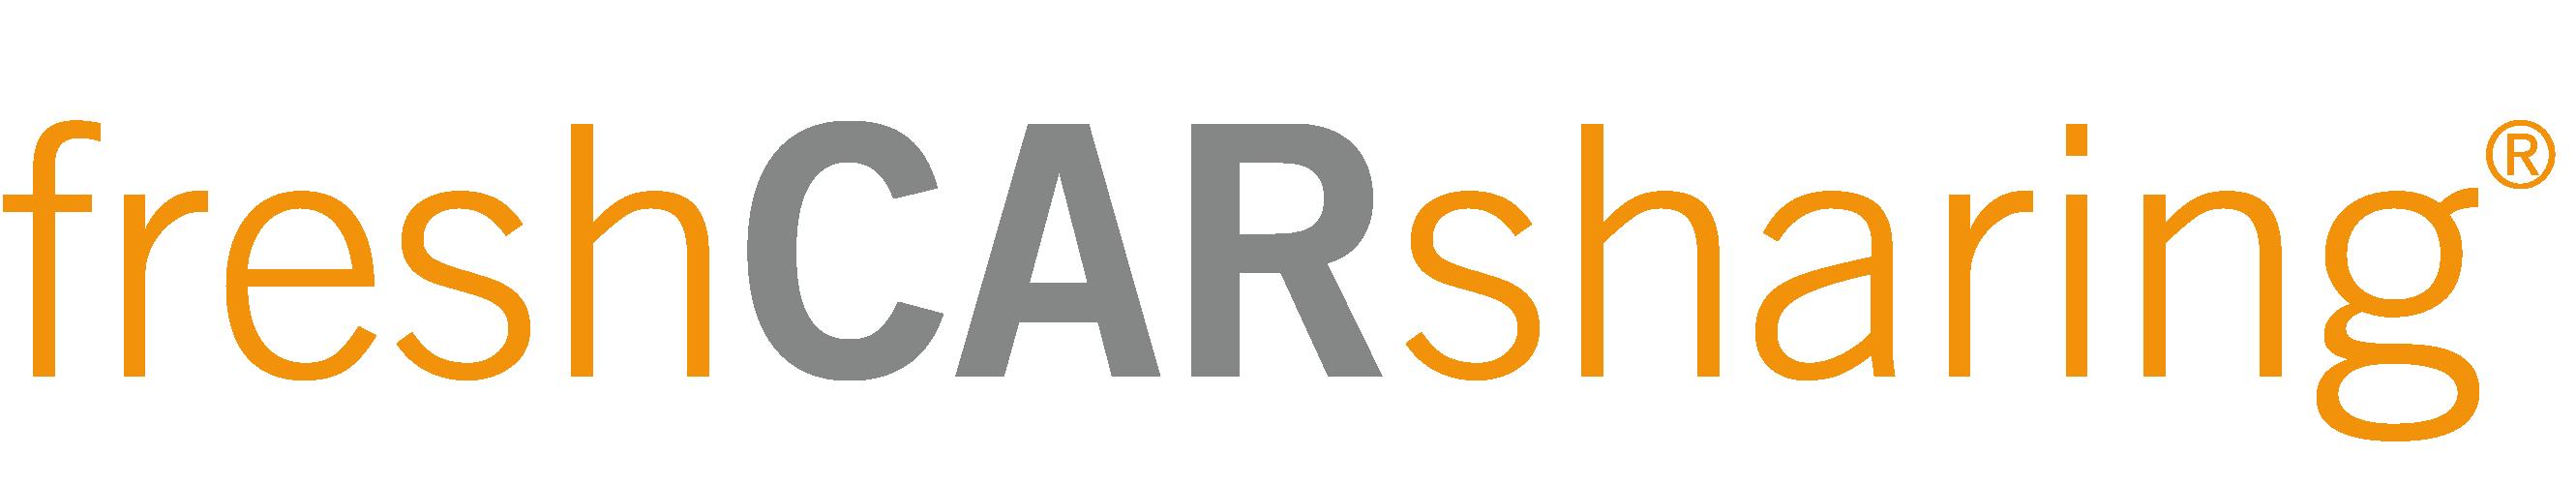 logo_freshcarsharing